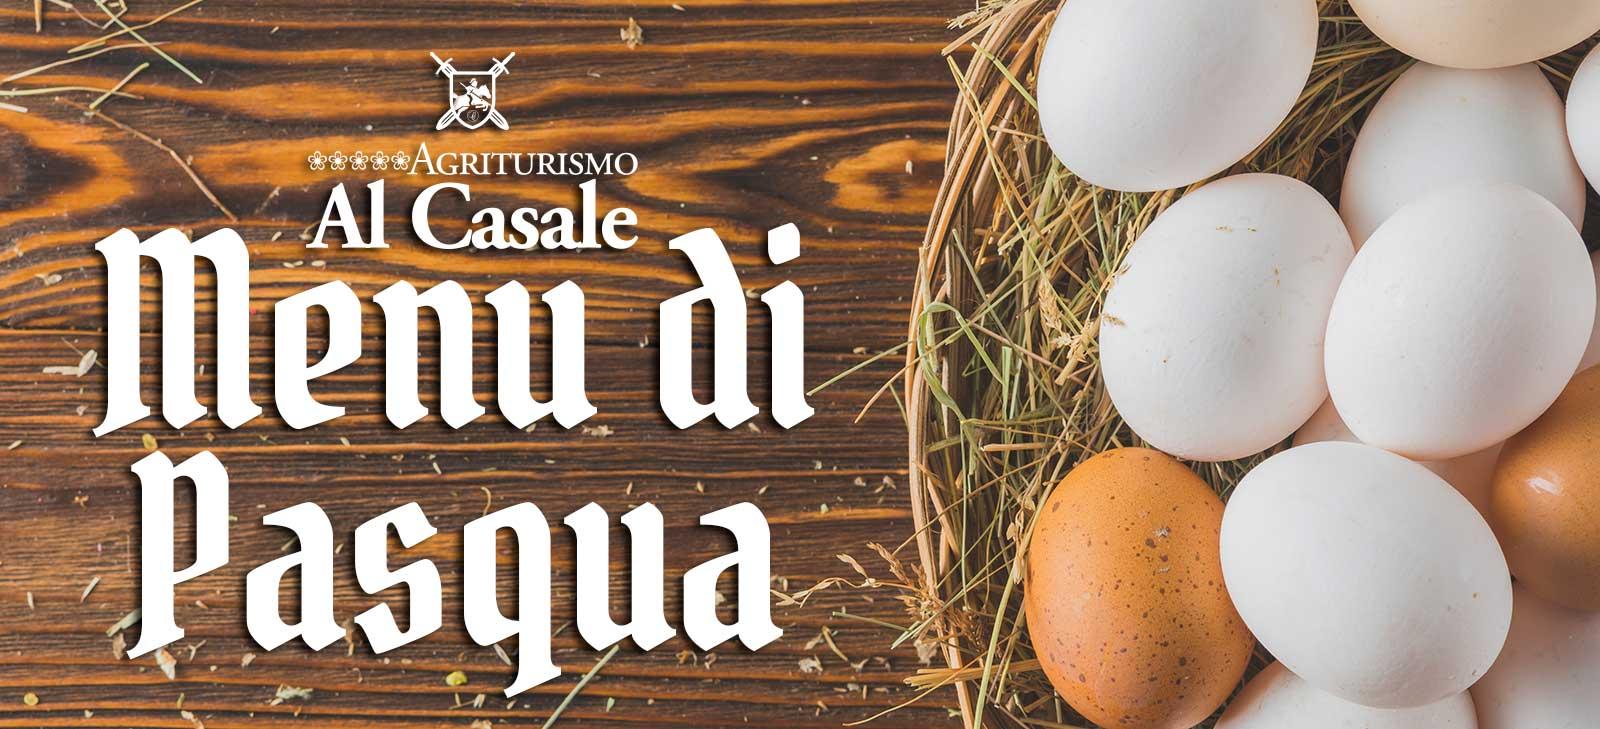 Pasqua Al Casale Codroipo Agriturismo Al Casale   Codroipo (UD)